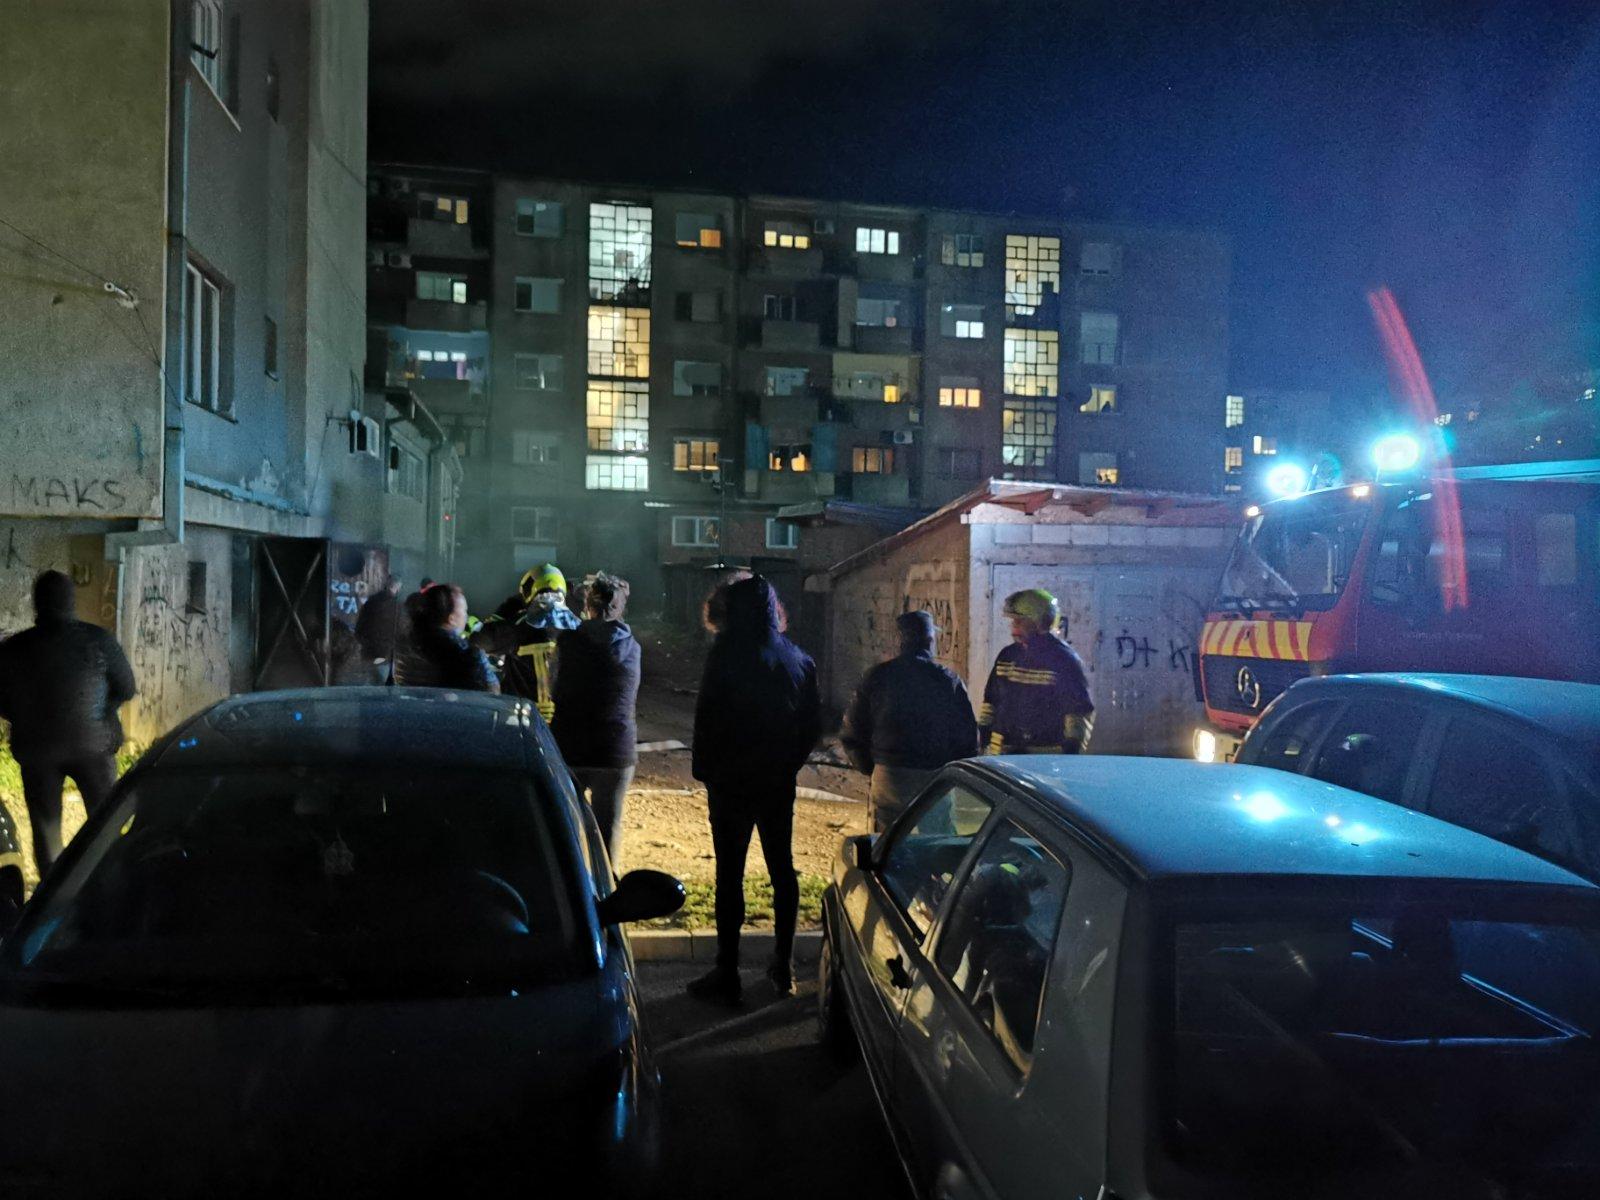 mitrovica-izgoreo-trafo-u-blizini-doma-zdravlja-bez-struje-okolne-ulice